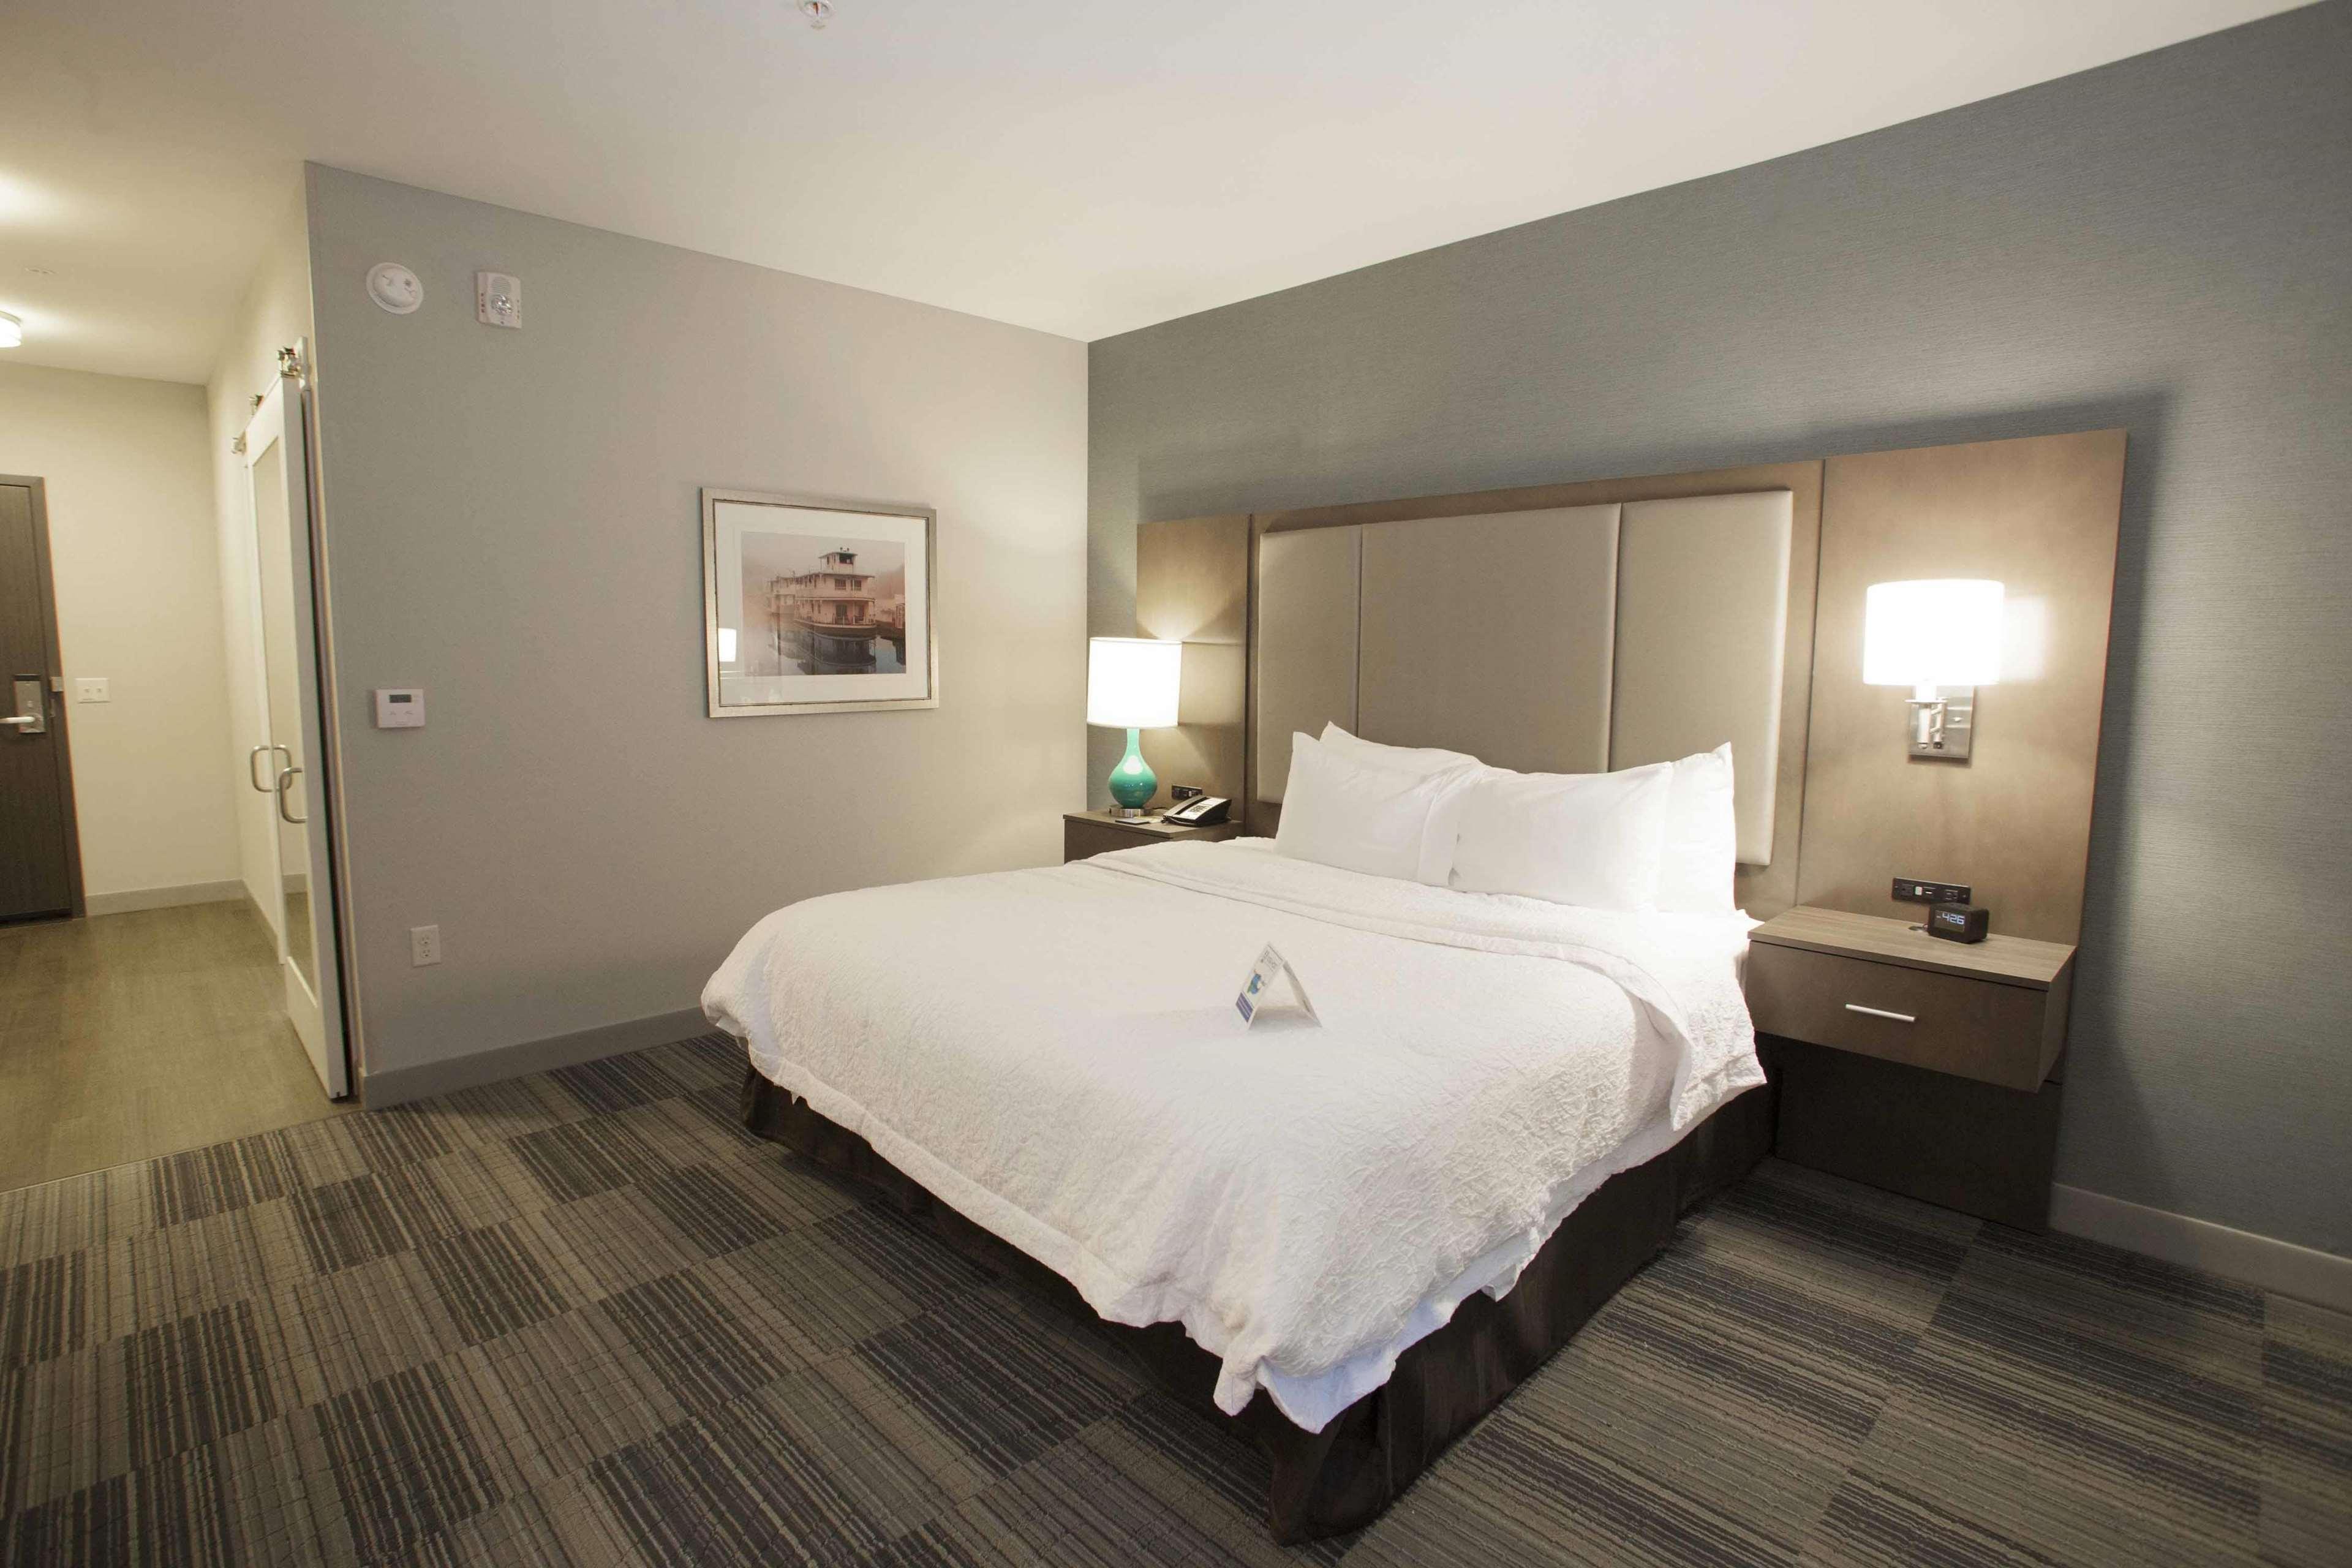 Hampton Inn & Suites Downtown St. Paul image 43